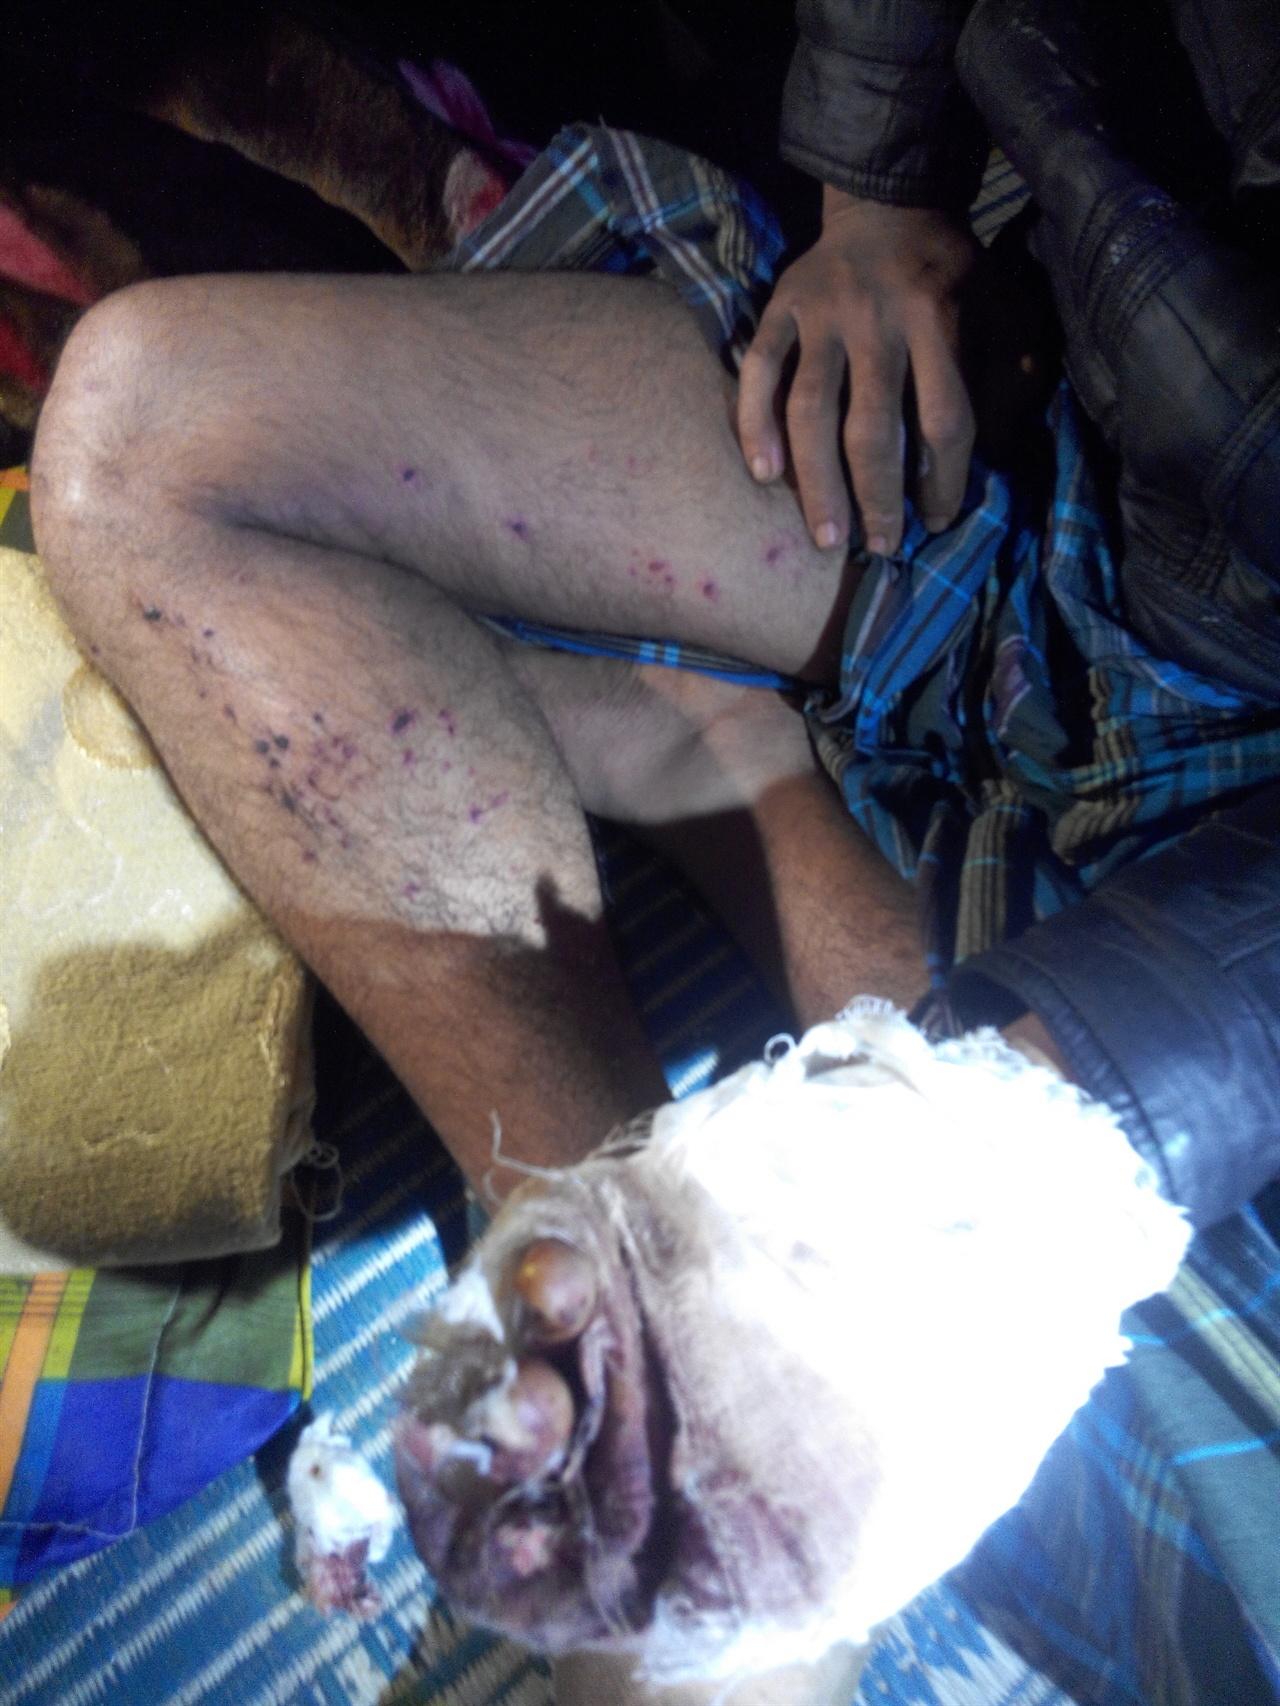 손과 다리에 심각한 부상을 당한 로힝야 남성 미얀마군의 로힝야족 토벌작전으로 인해 손가락 절단과 다리에 부상을 입은 로힝야 남성